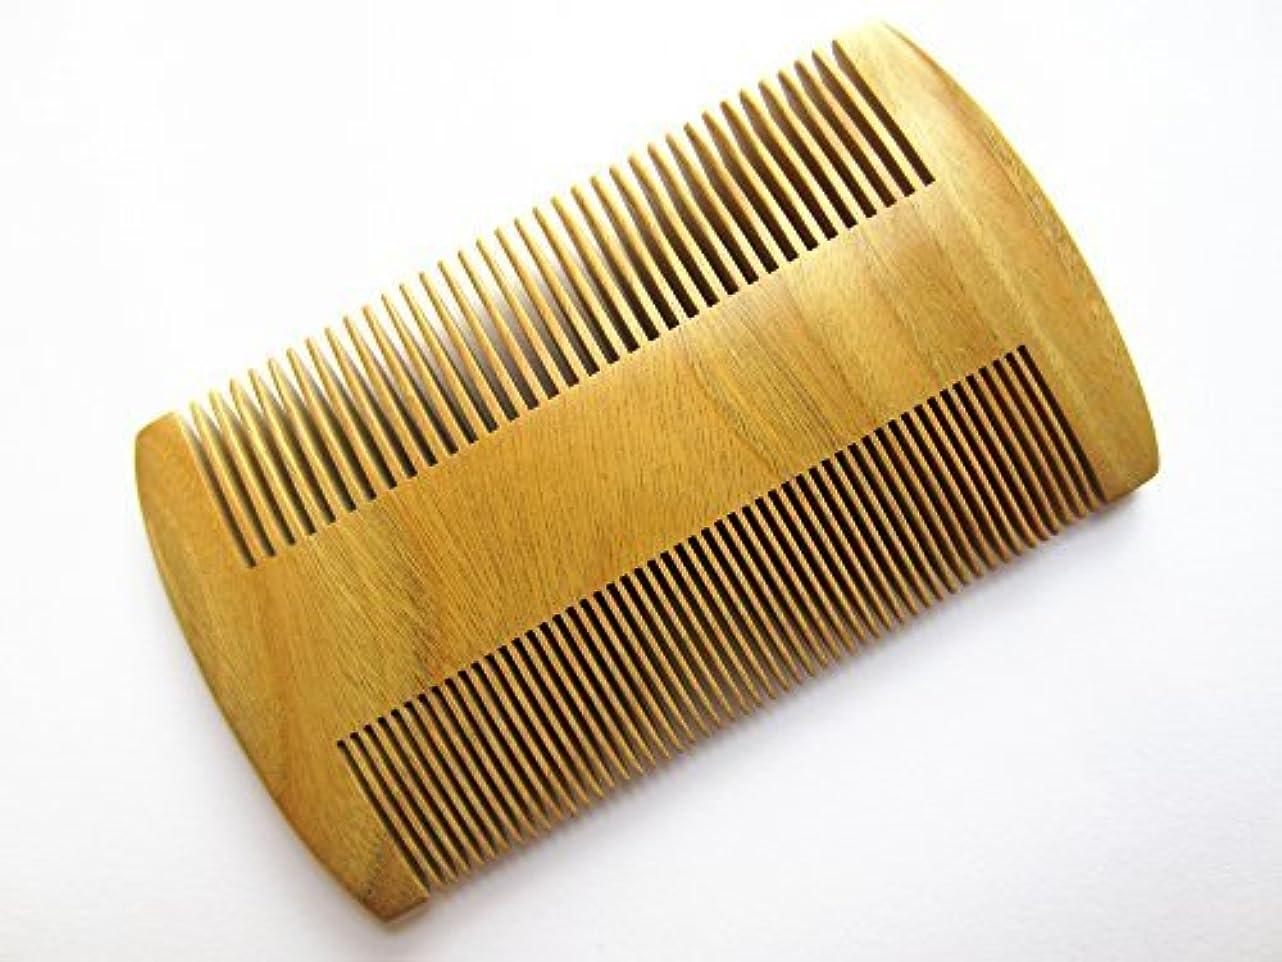 ガロン有効化マインドフルMyhsmooth GS-S2M-N2F Handmade Natural Green Sandalwood No Static Pocket Comb Perfect Beard Comb with Aromatic...